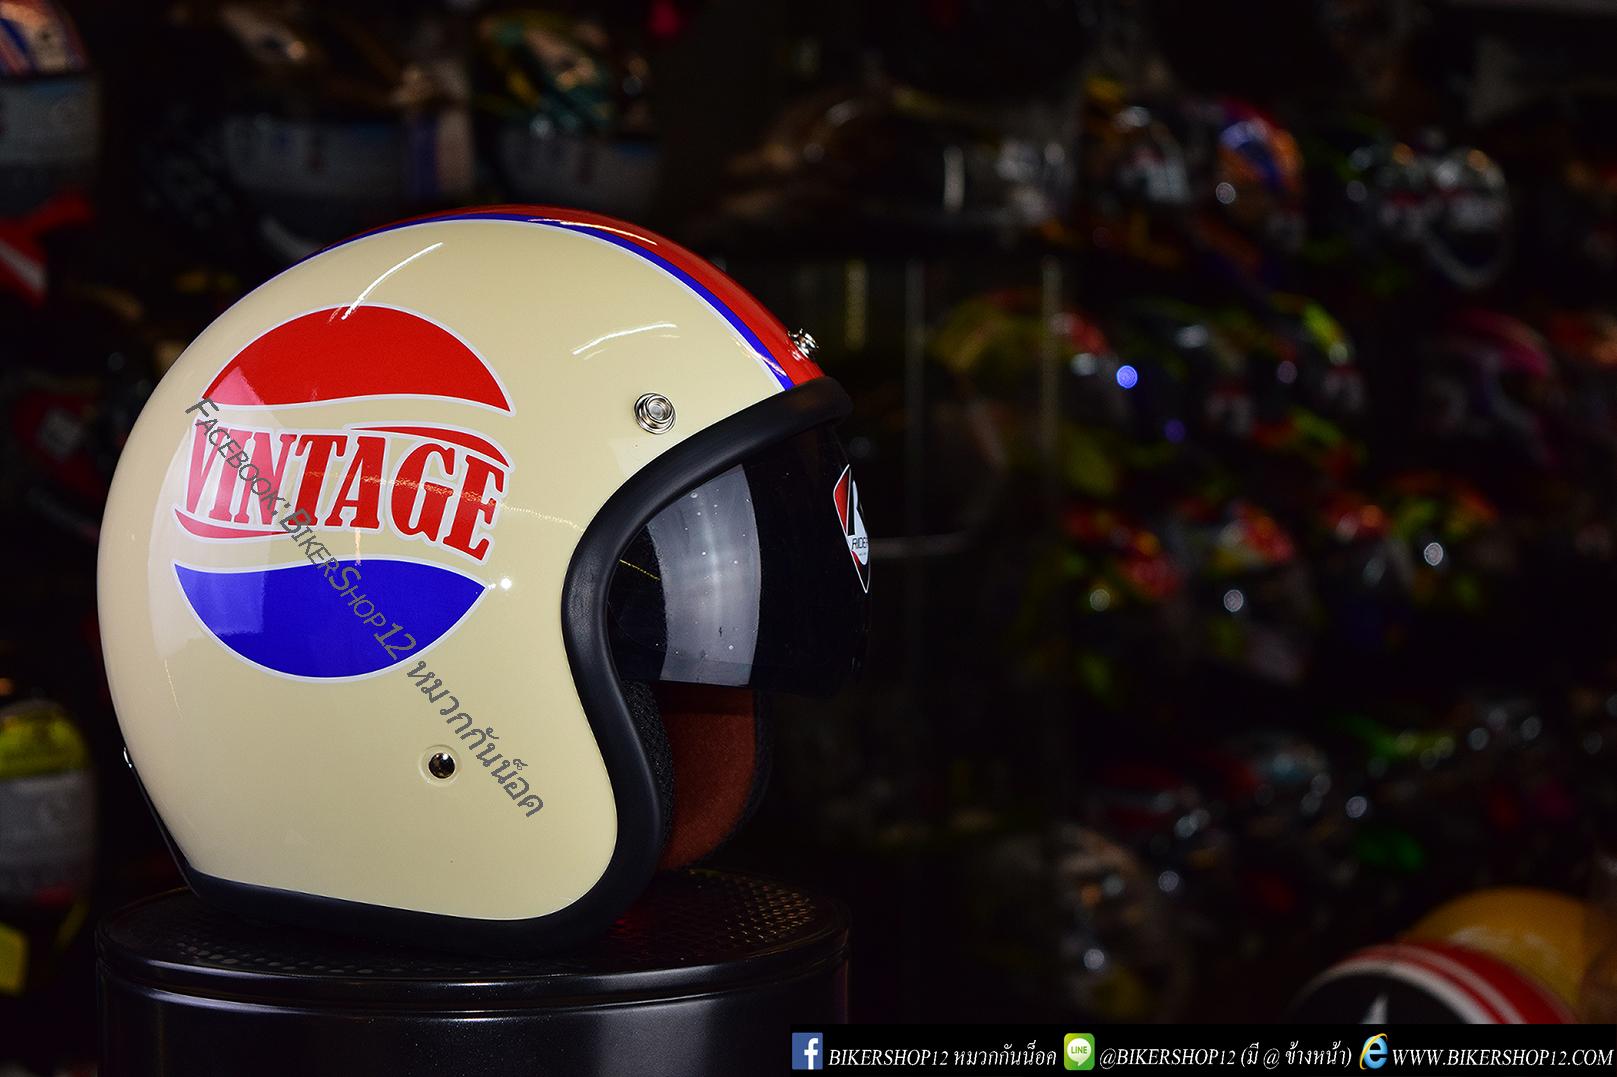 หมวกกันน็อคคลาสสิก 5เป๊ก (มีแว่น) สี Vintage/Cream